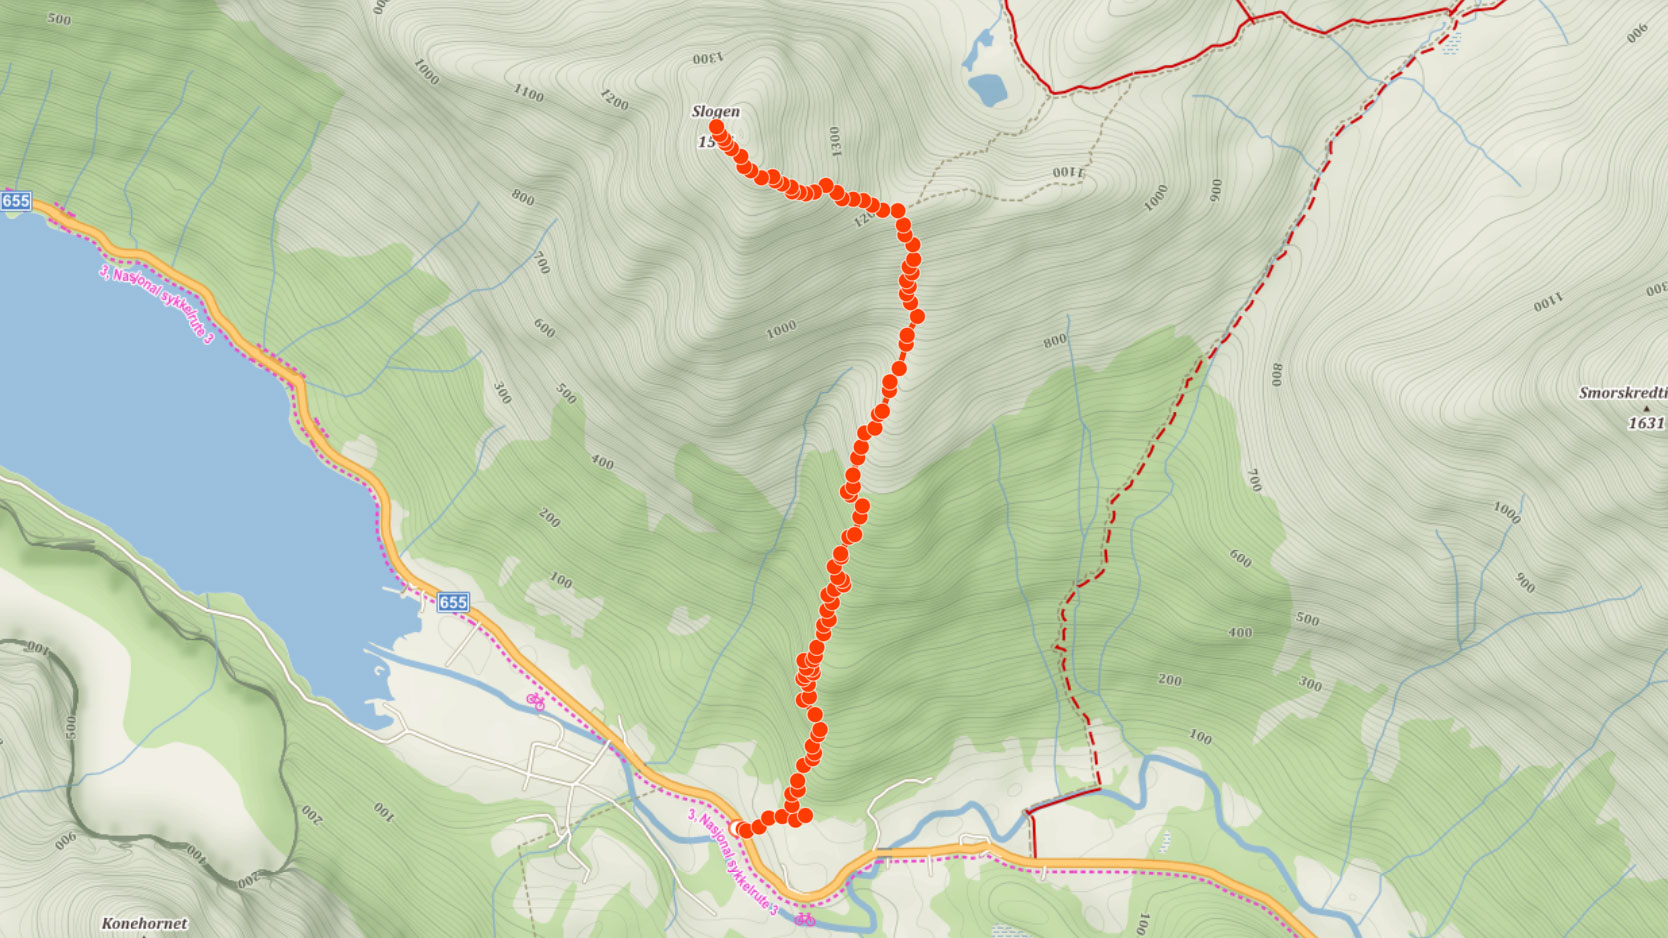 Výstupová trasa na horu Slogen v Norsku